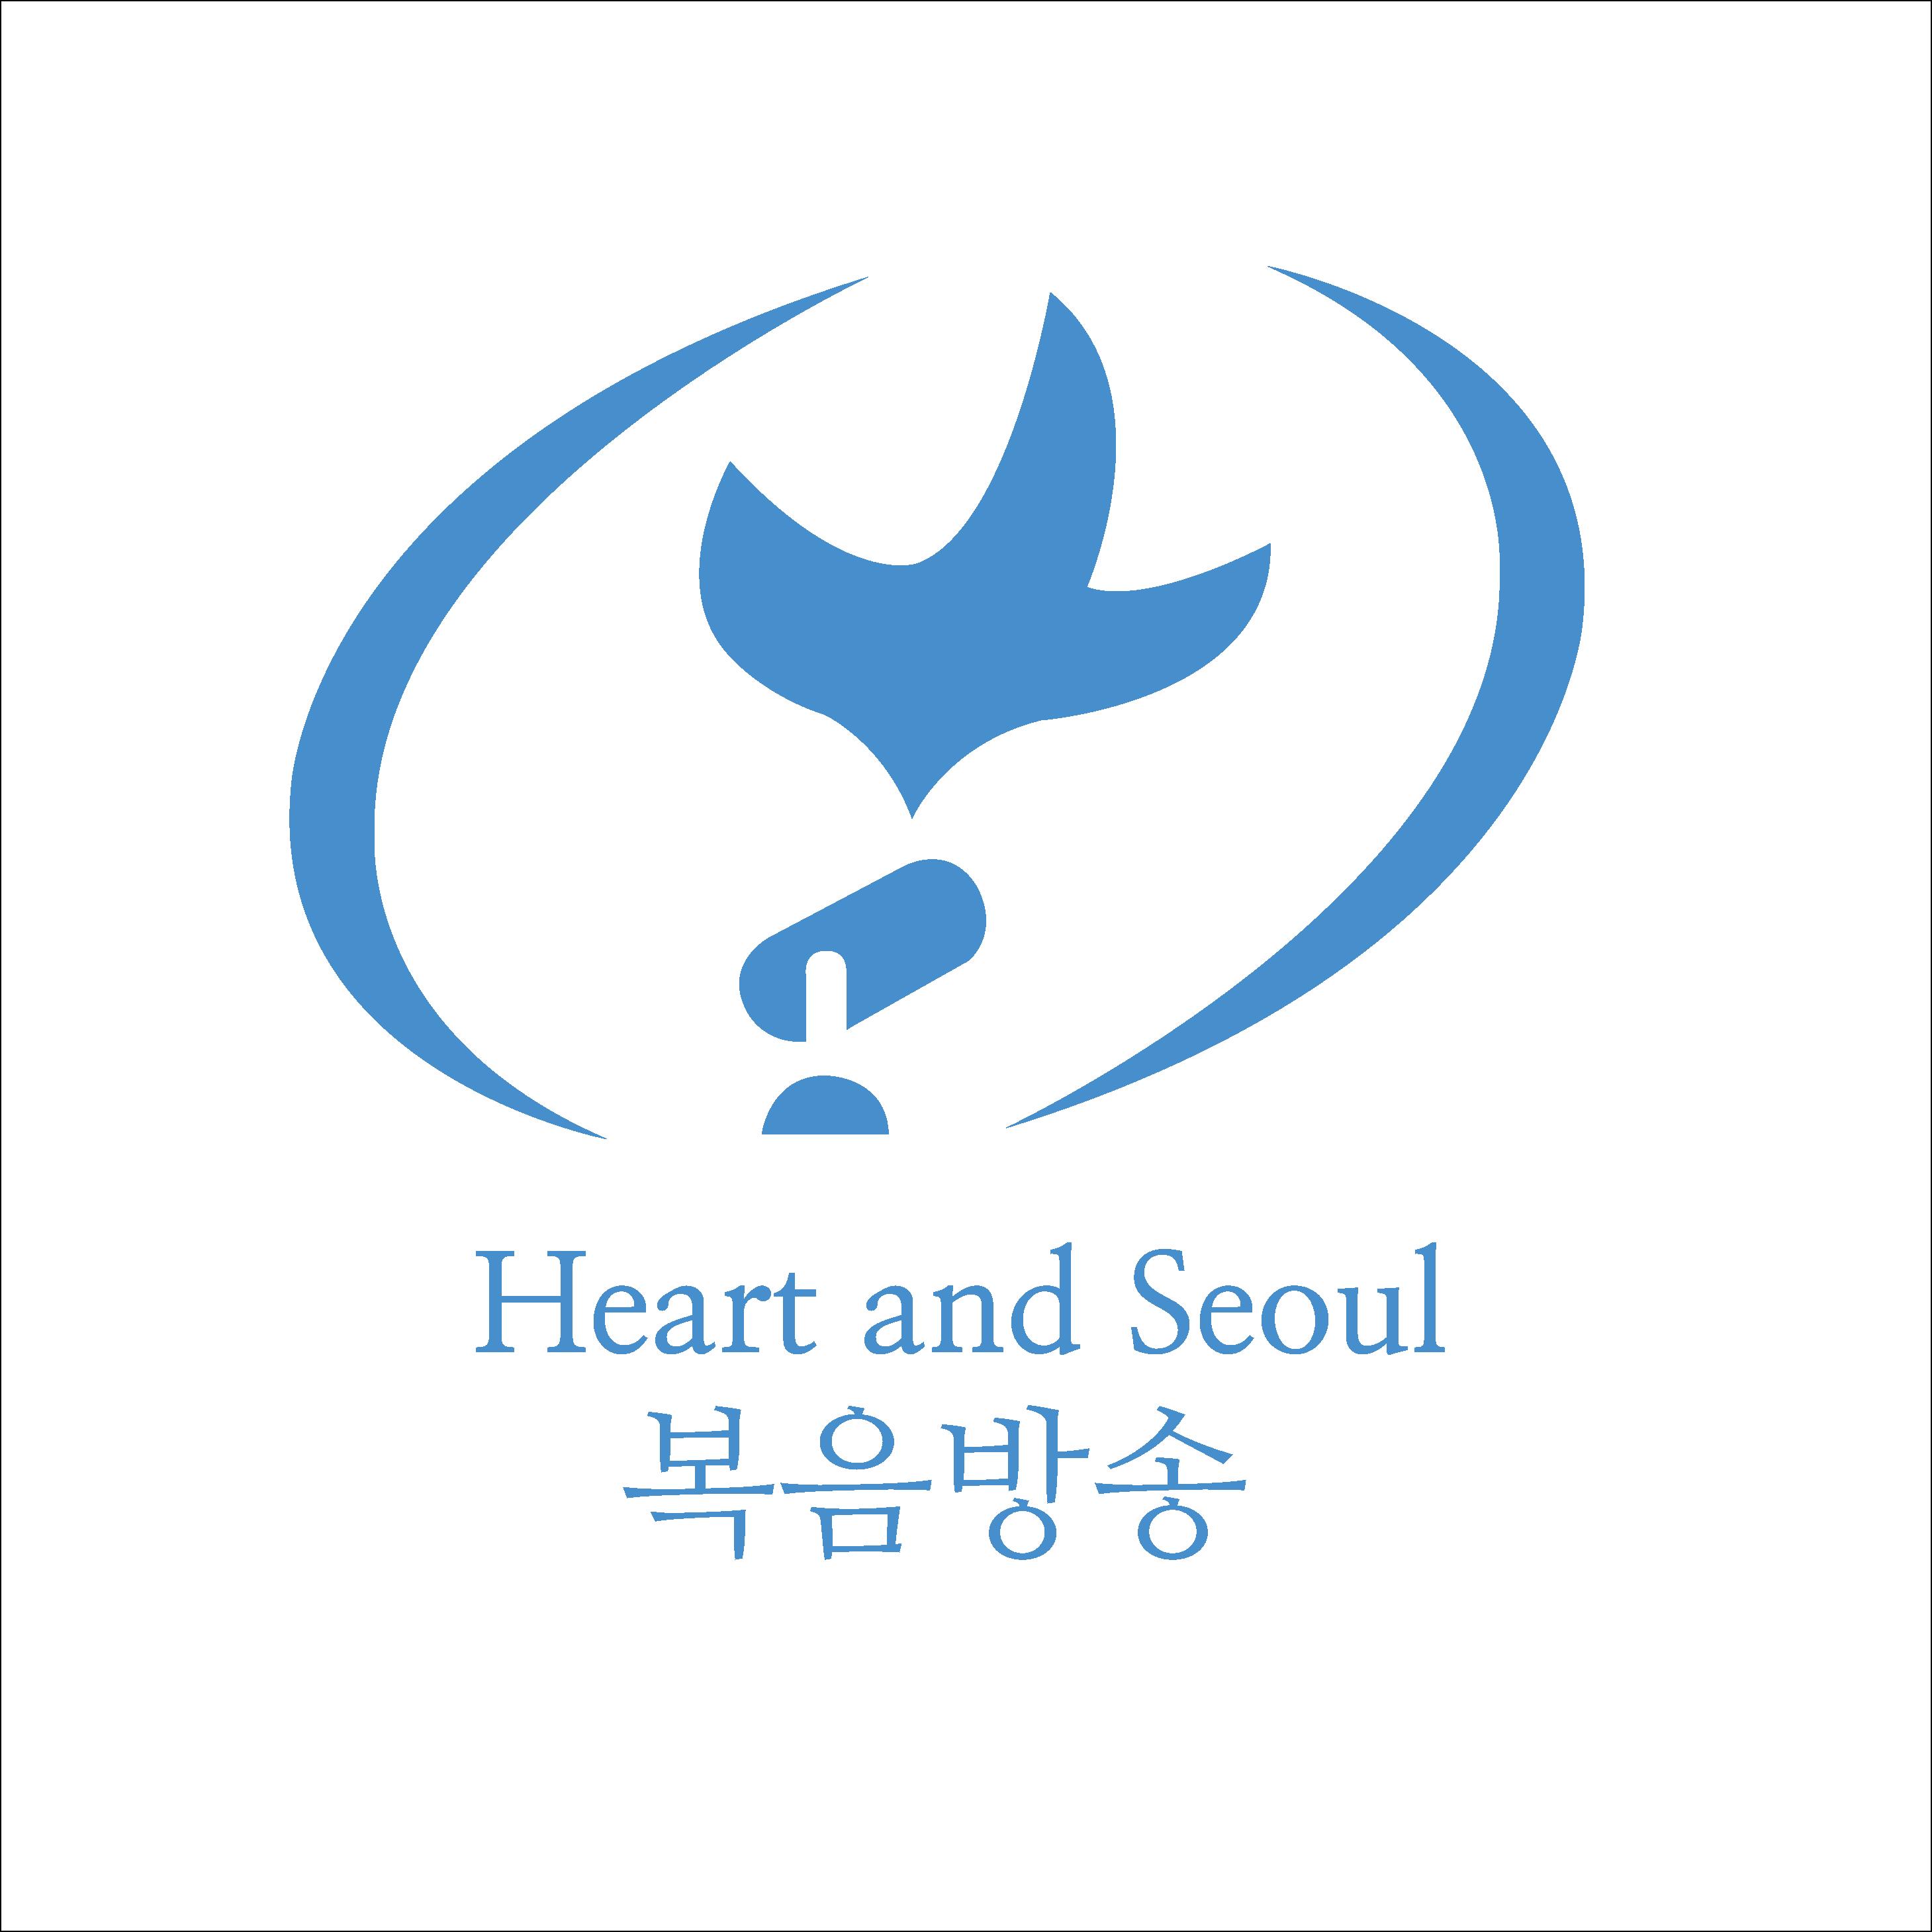 Heart and Seoul 복음방송 - 주 안에 하나